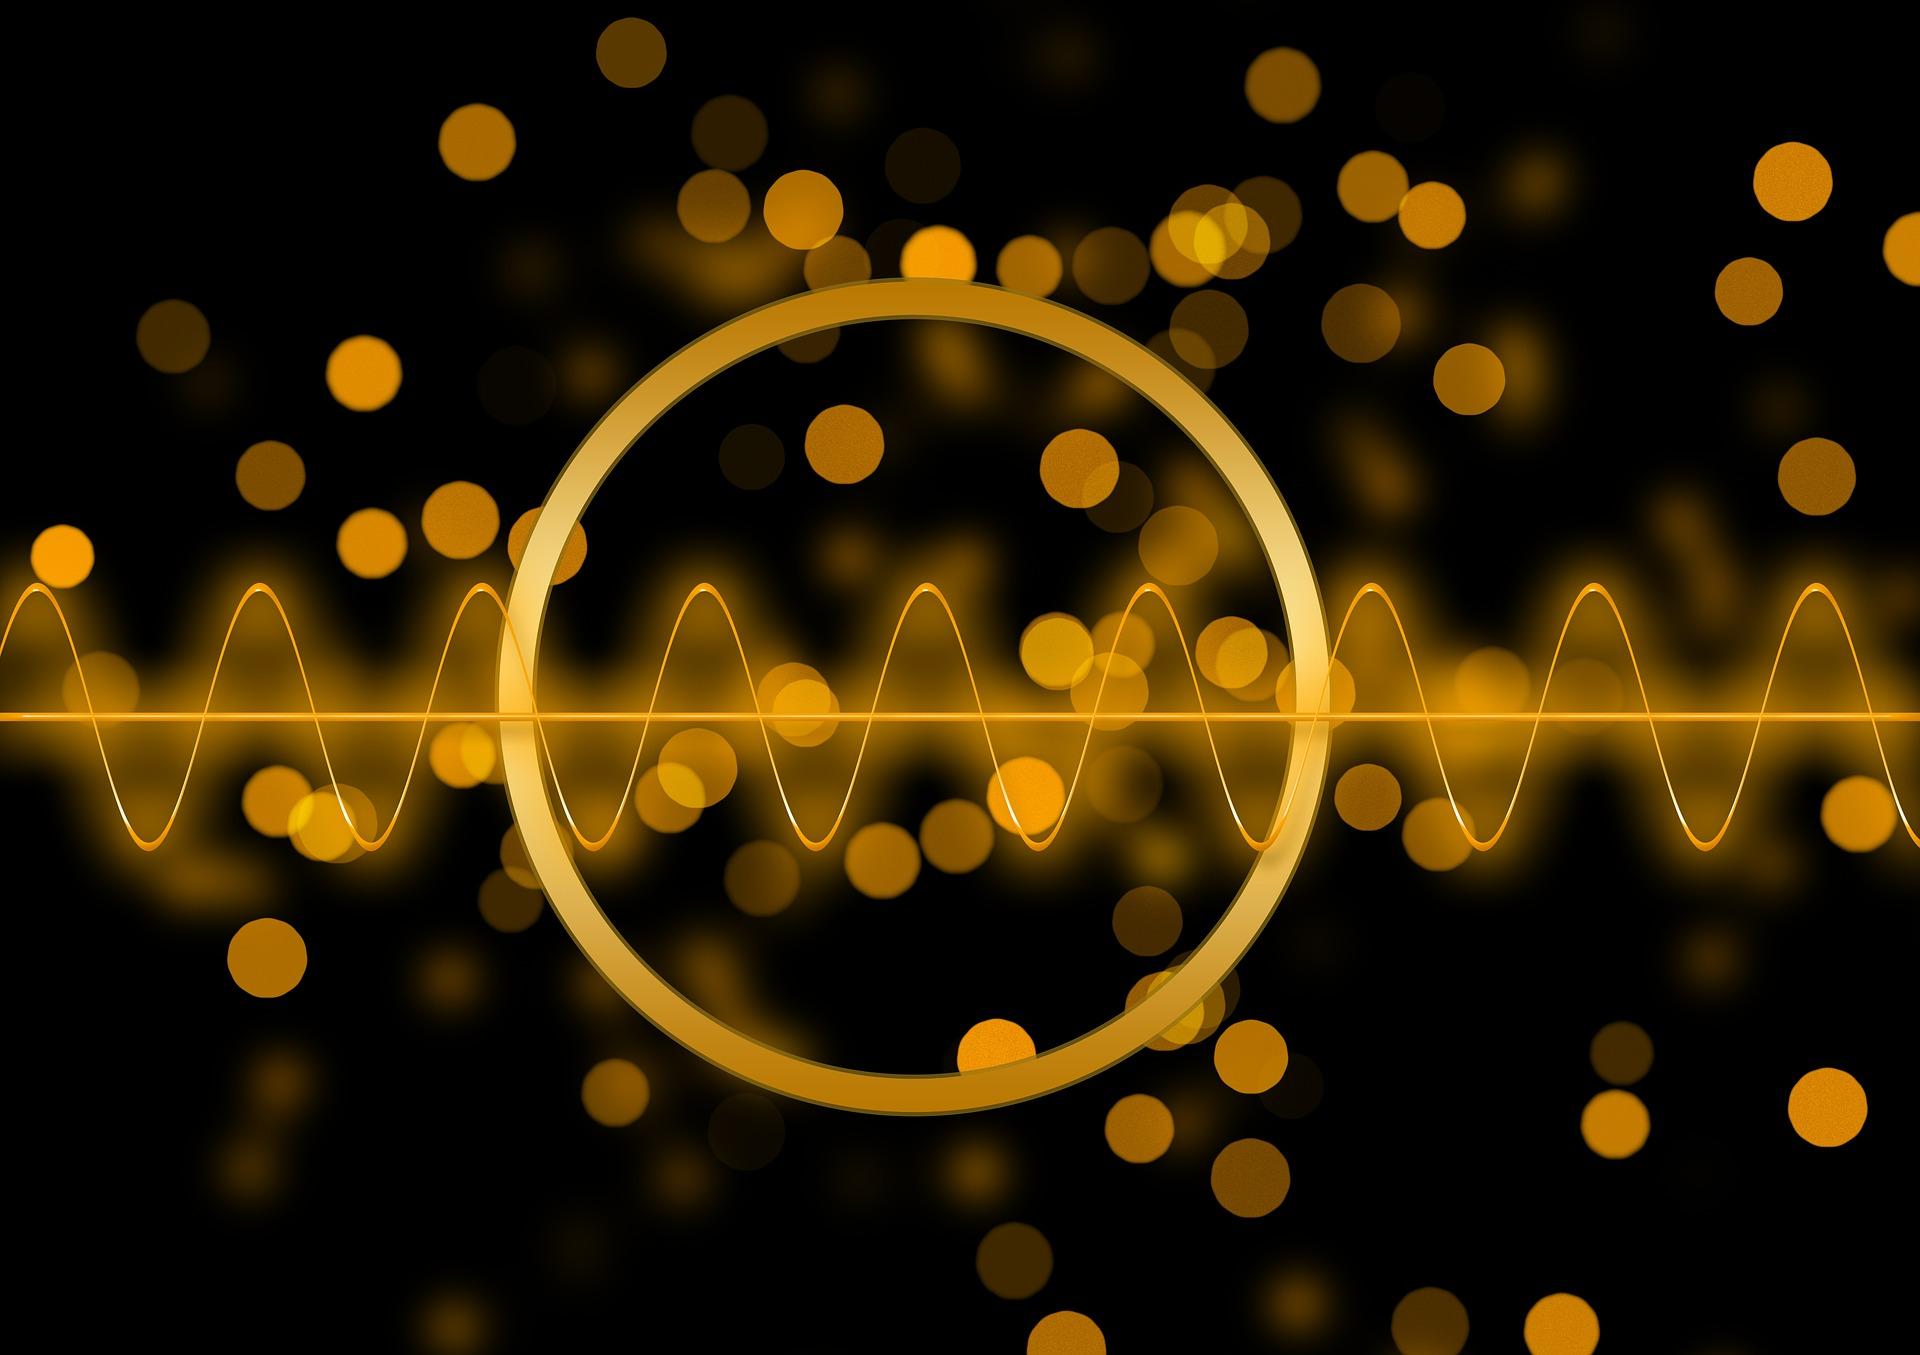 有哪些软件可以制作音乐频谱视频?